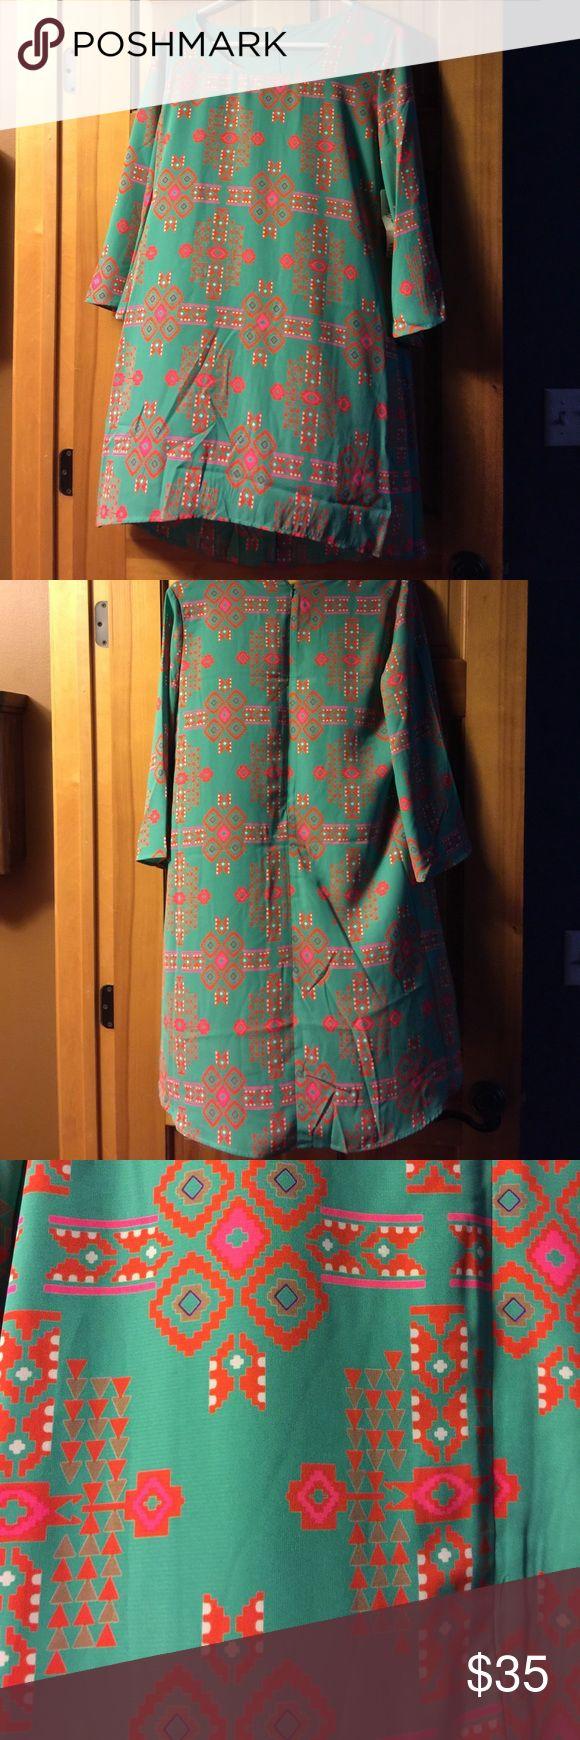 Wrangler Aztec dress! Never worn, nice light fabric, great for summer weddings! Wrangler Dresses Midi